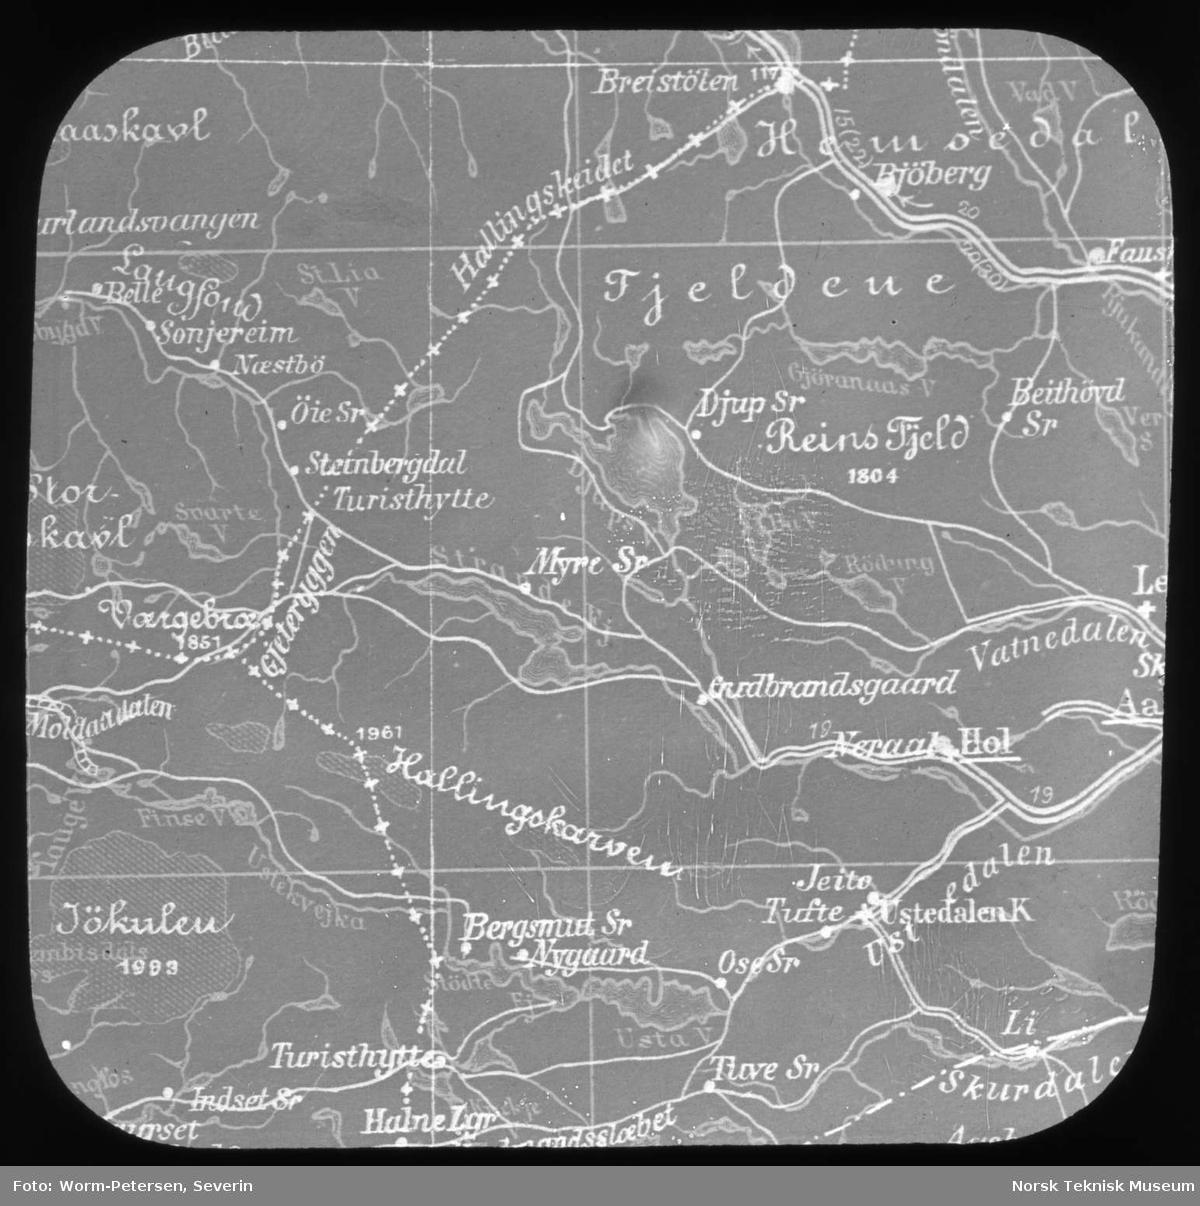 kart over bergensbanen Avfotografert kart over Bergensbanen   Norsk Teknisk Museum  kart over bergensbanen